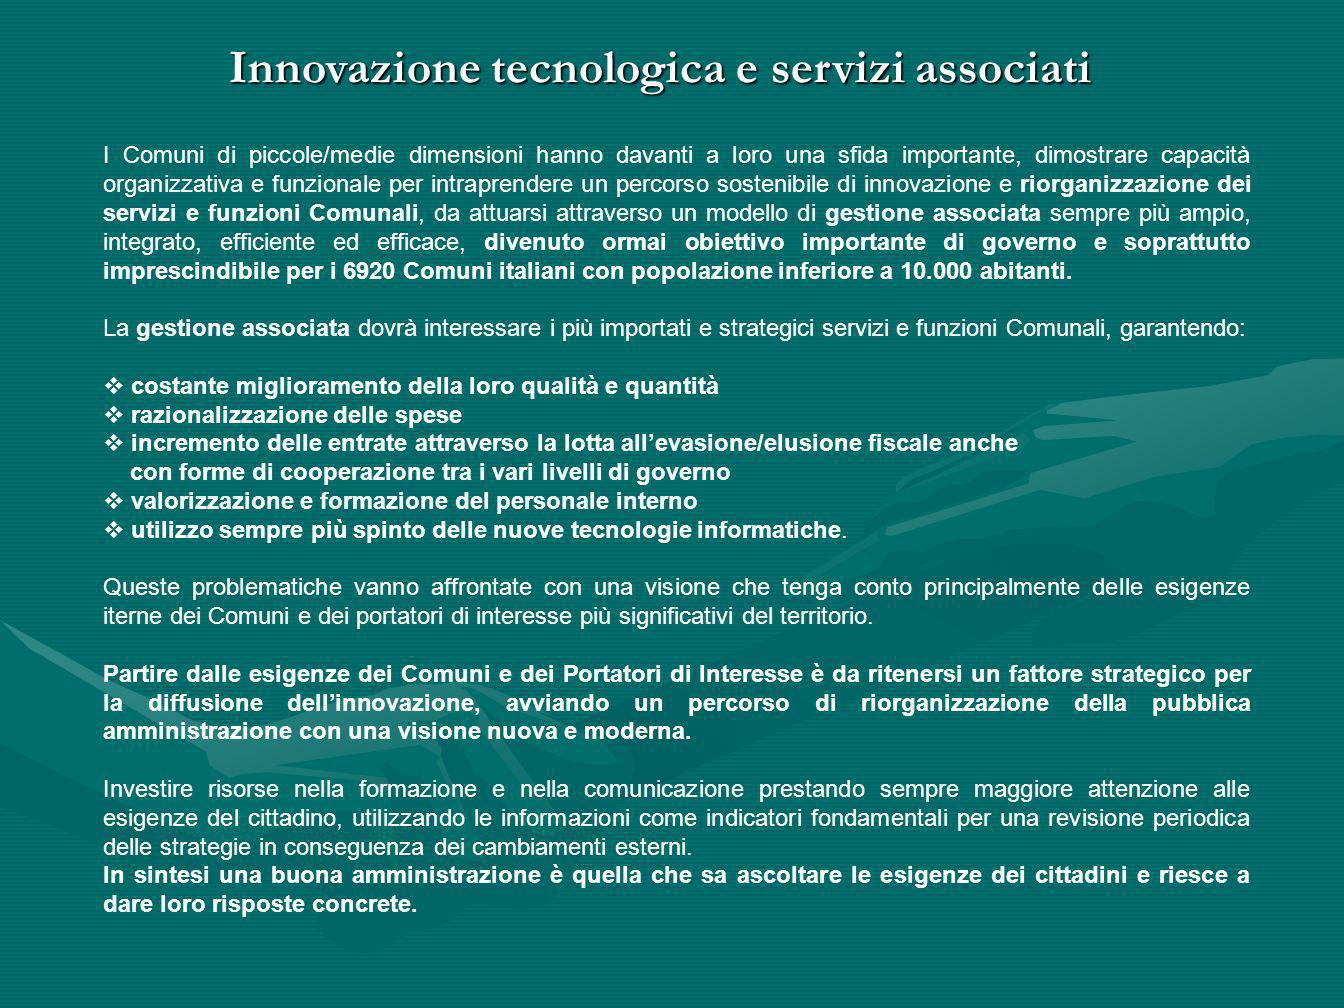 Innovazione tecnologica e servizi associati